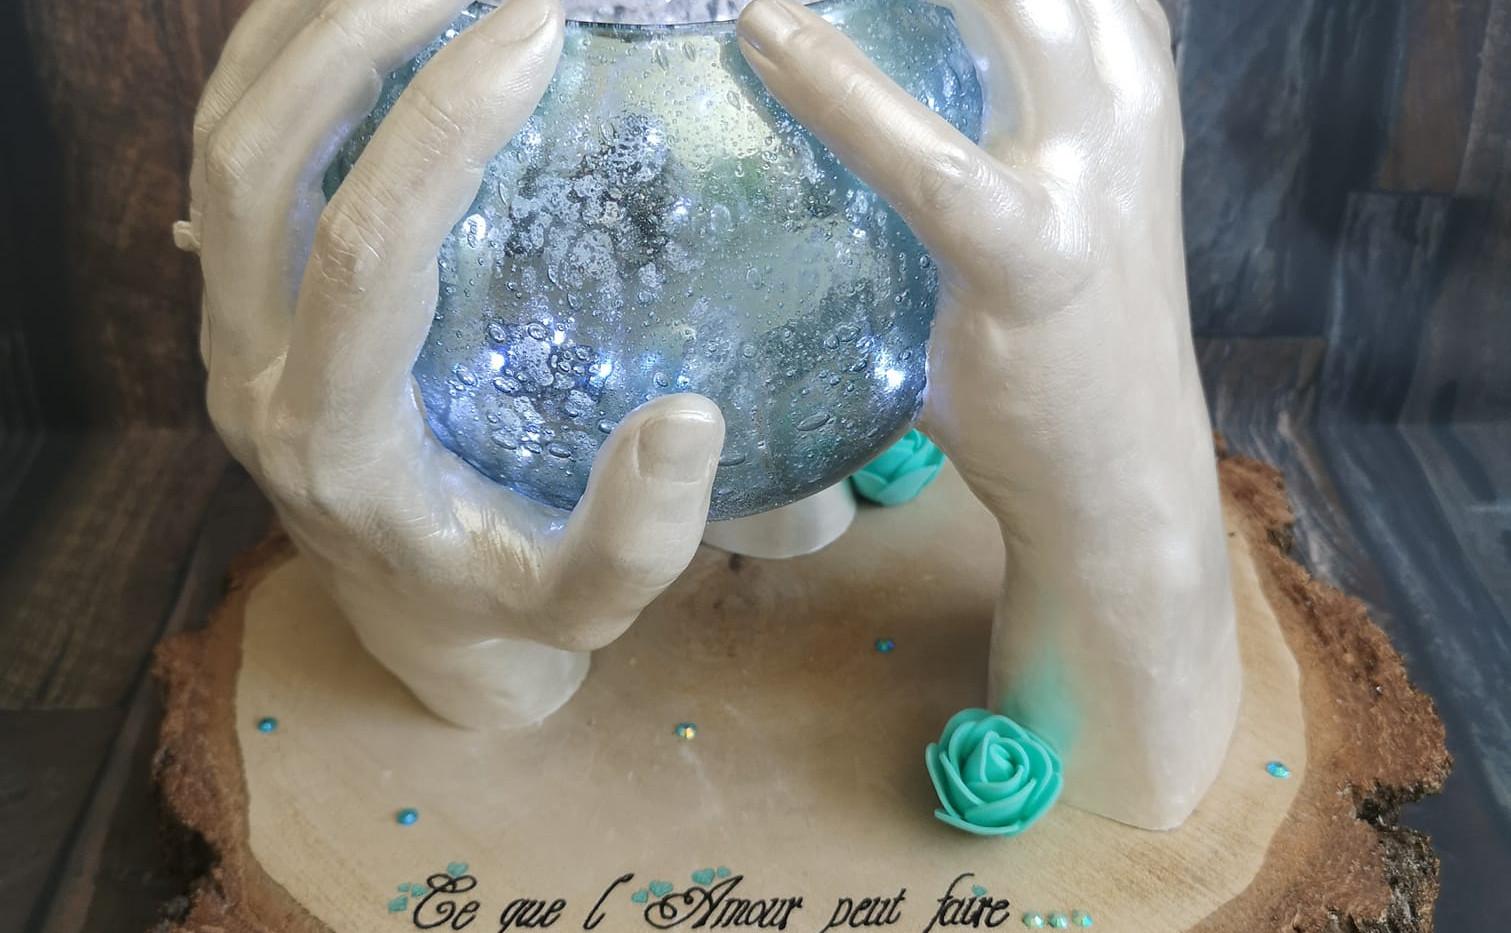 empreinte enfant empreinte bebe moulage 3d main en platre souenir de naissance cadeau de naissance septine and co chambery cognin grenoble savoie baby art bebe moulage hand  print hand casting